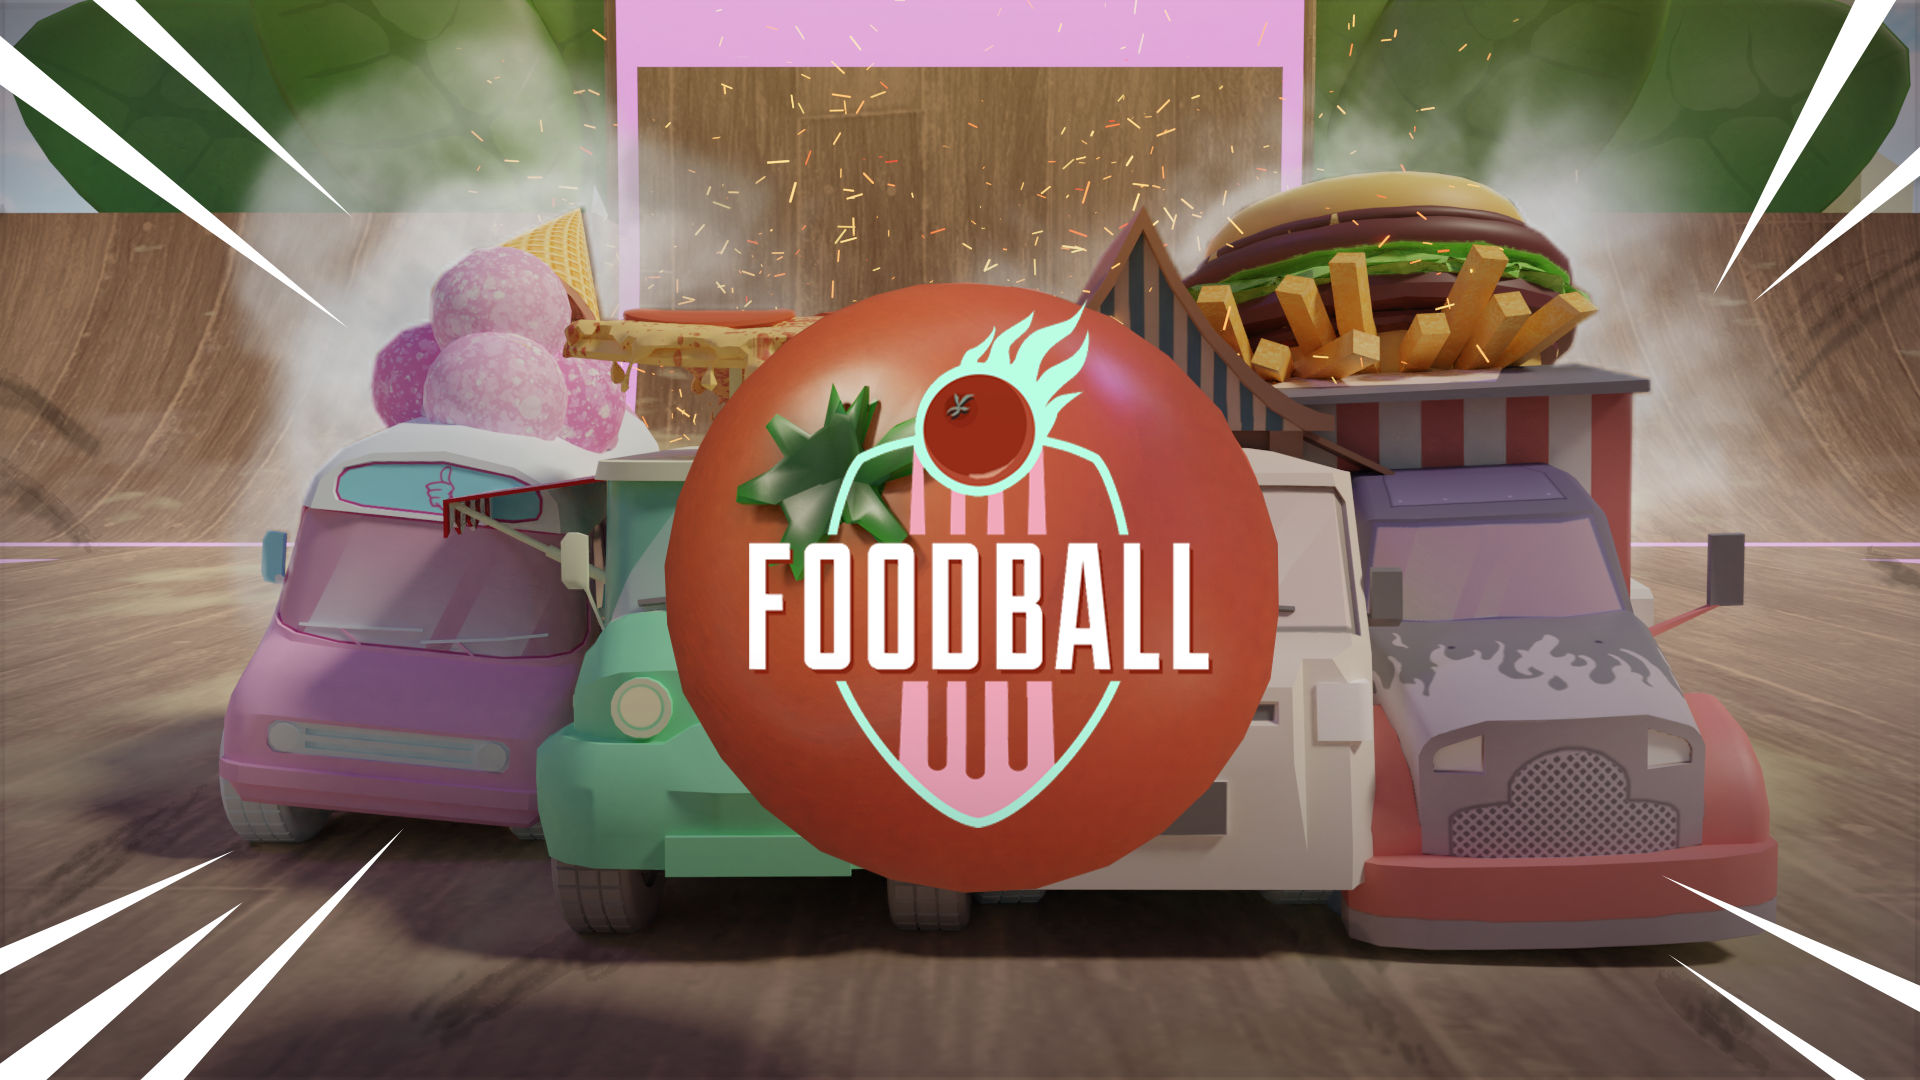 FoosBall logo